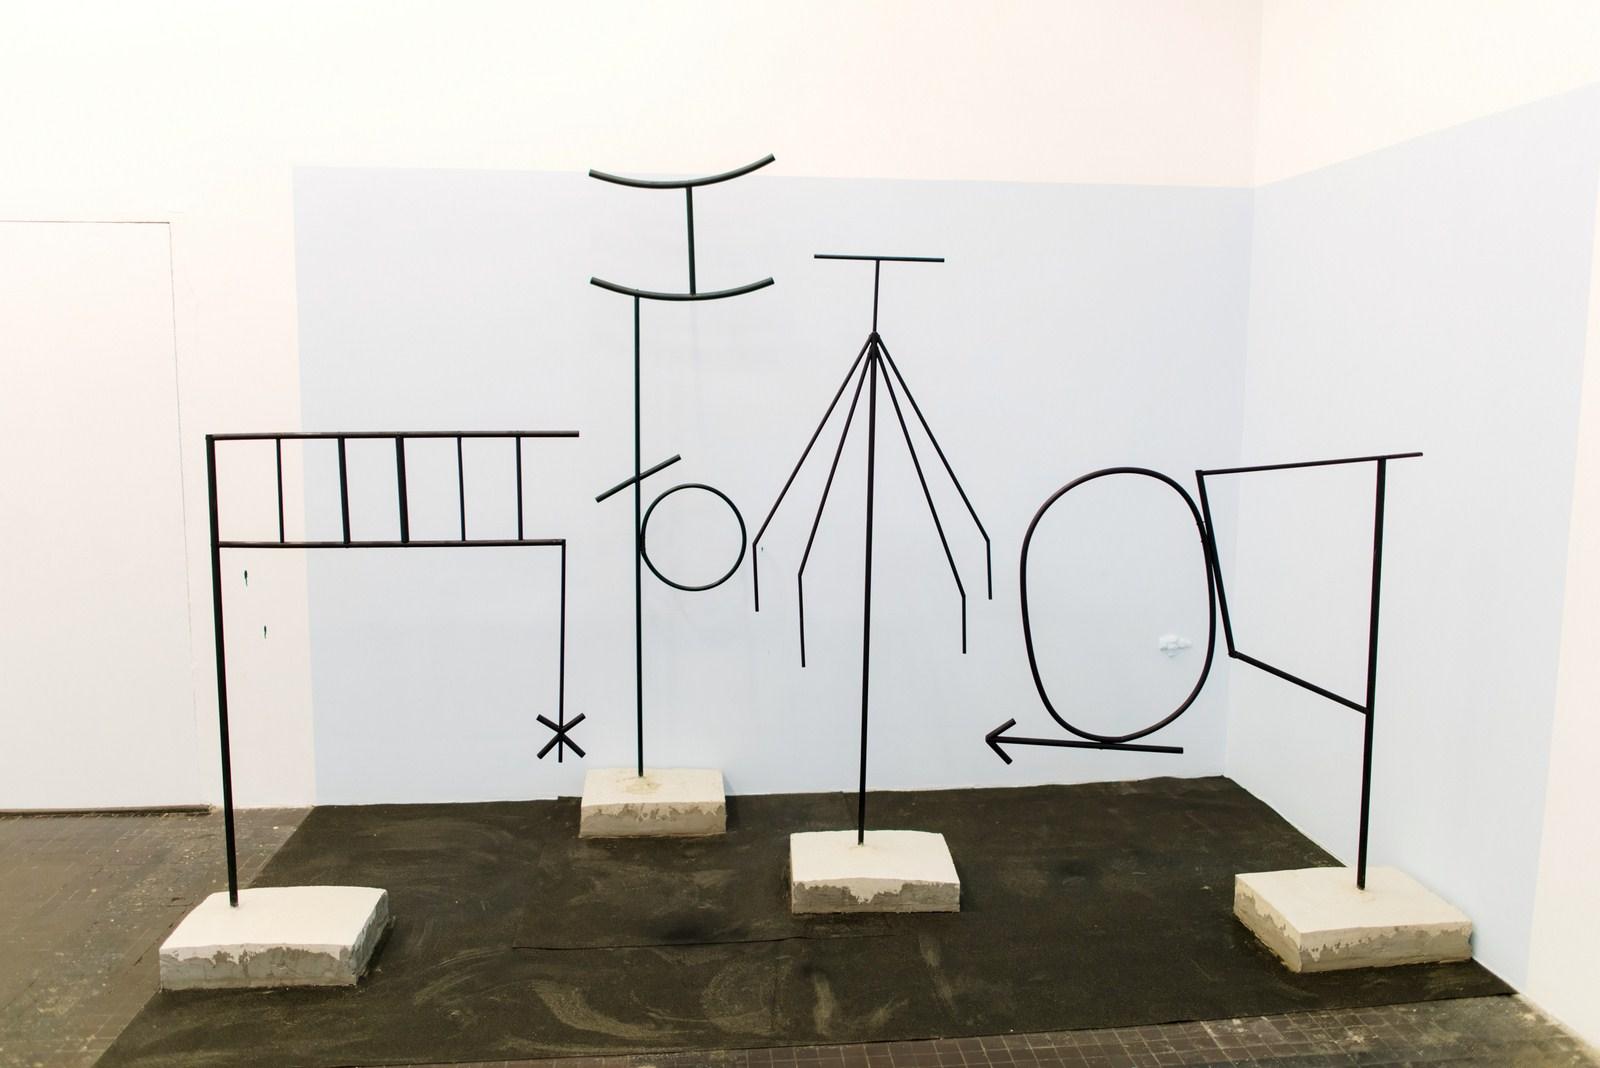 Maria Stożek, Widok, instalacja,2015